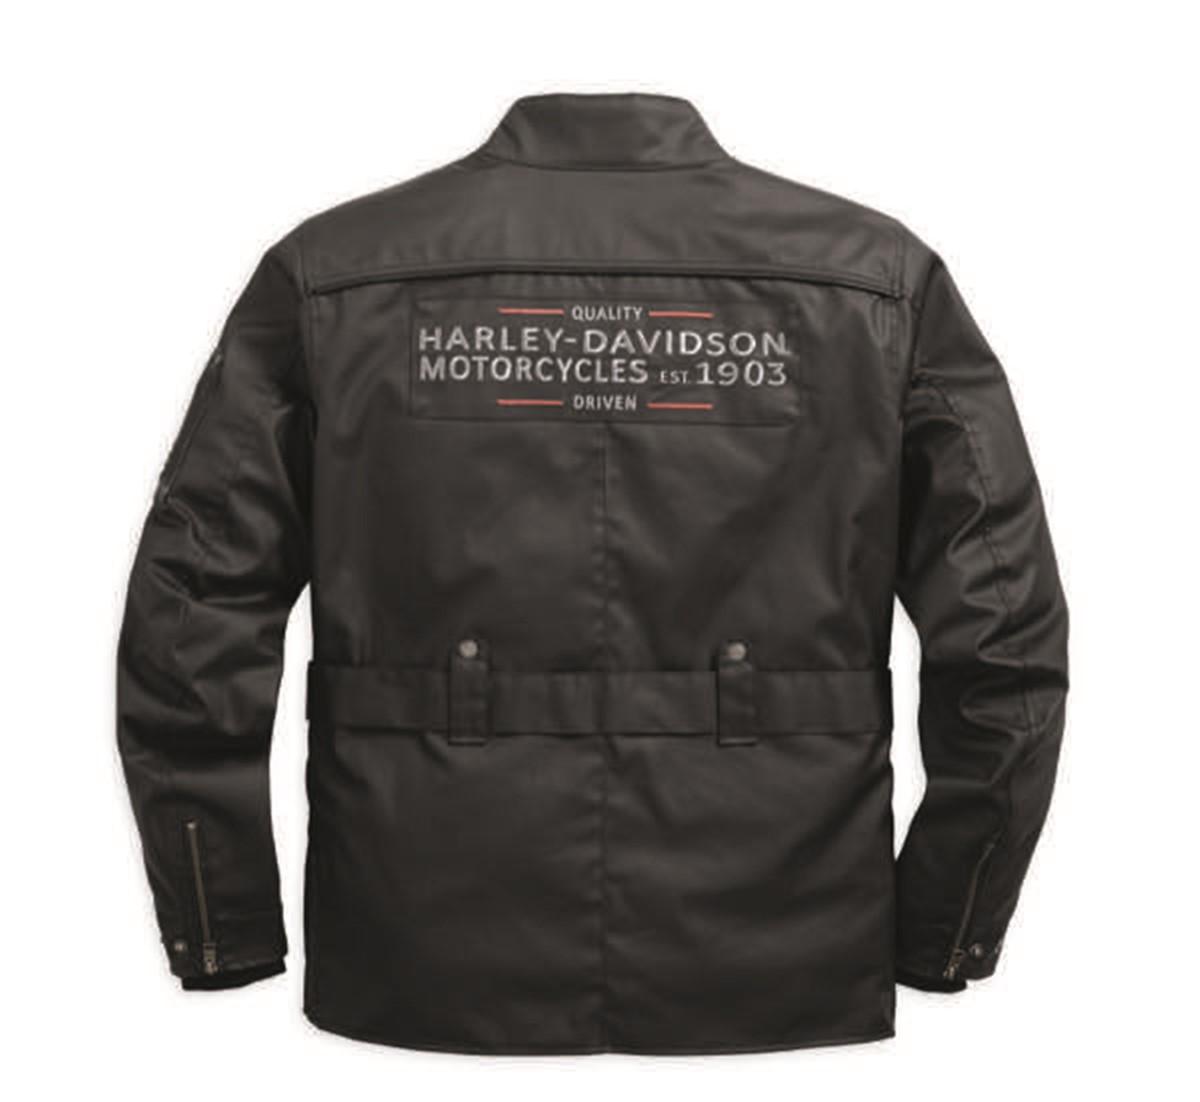 97222 18em harley davidson destination 3 4 jacket ce at. Black Bedroom Furniture Sets. Home Design Ideas